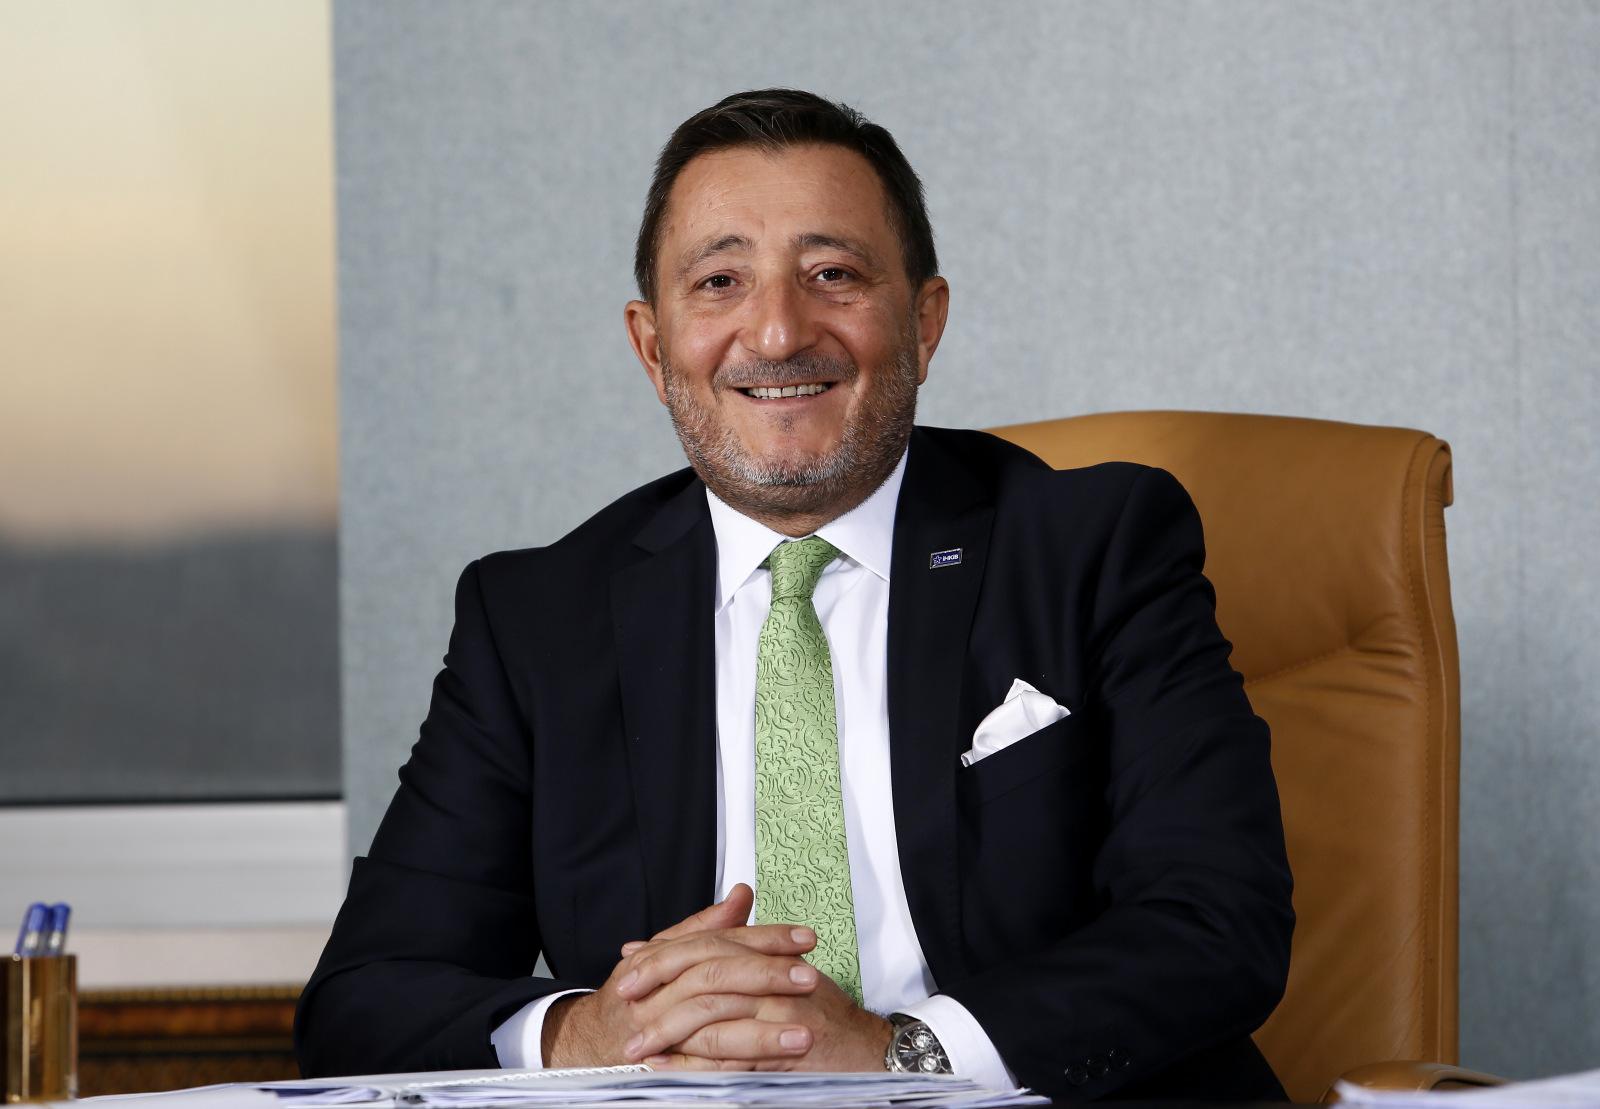 ITKIB:n puheenjohtaja Hikmet Tanrıverdi kertoo, että Turkin vaateteollisuuden suurimmat edut ovat joustava tuotanto, lyhyet toimitusajat, nopea reagointikyky sekä kyky luoda fast-fashion tuotteita